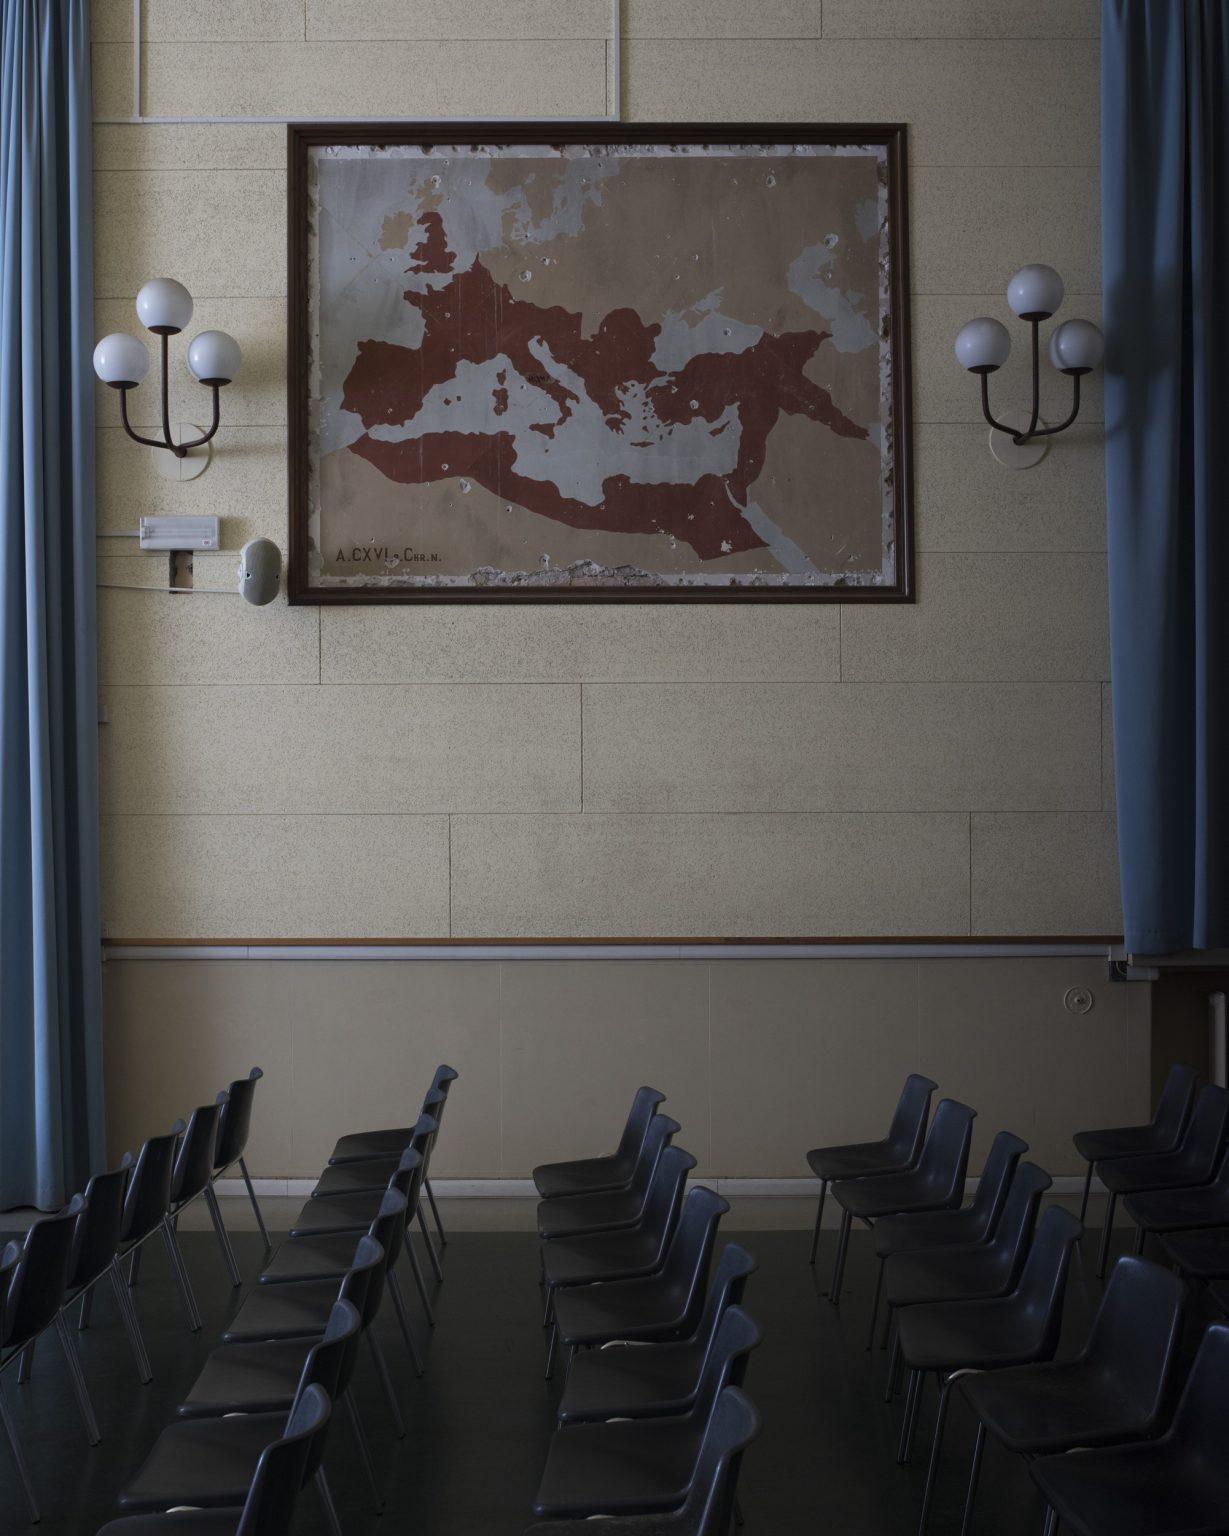 La leggenda del Piave. Treviso. Istituto Riccati - Luzzatti, inaugurato l'11 novembre 1923, giorno genetliaco di Vittorio Emanuele III, re d'Italia. Murale nell'Aula Magna che rappresenta la massima espansione dell'Impero Romano.